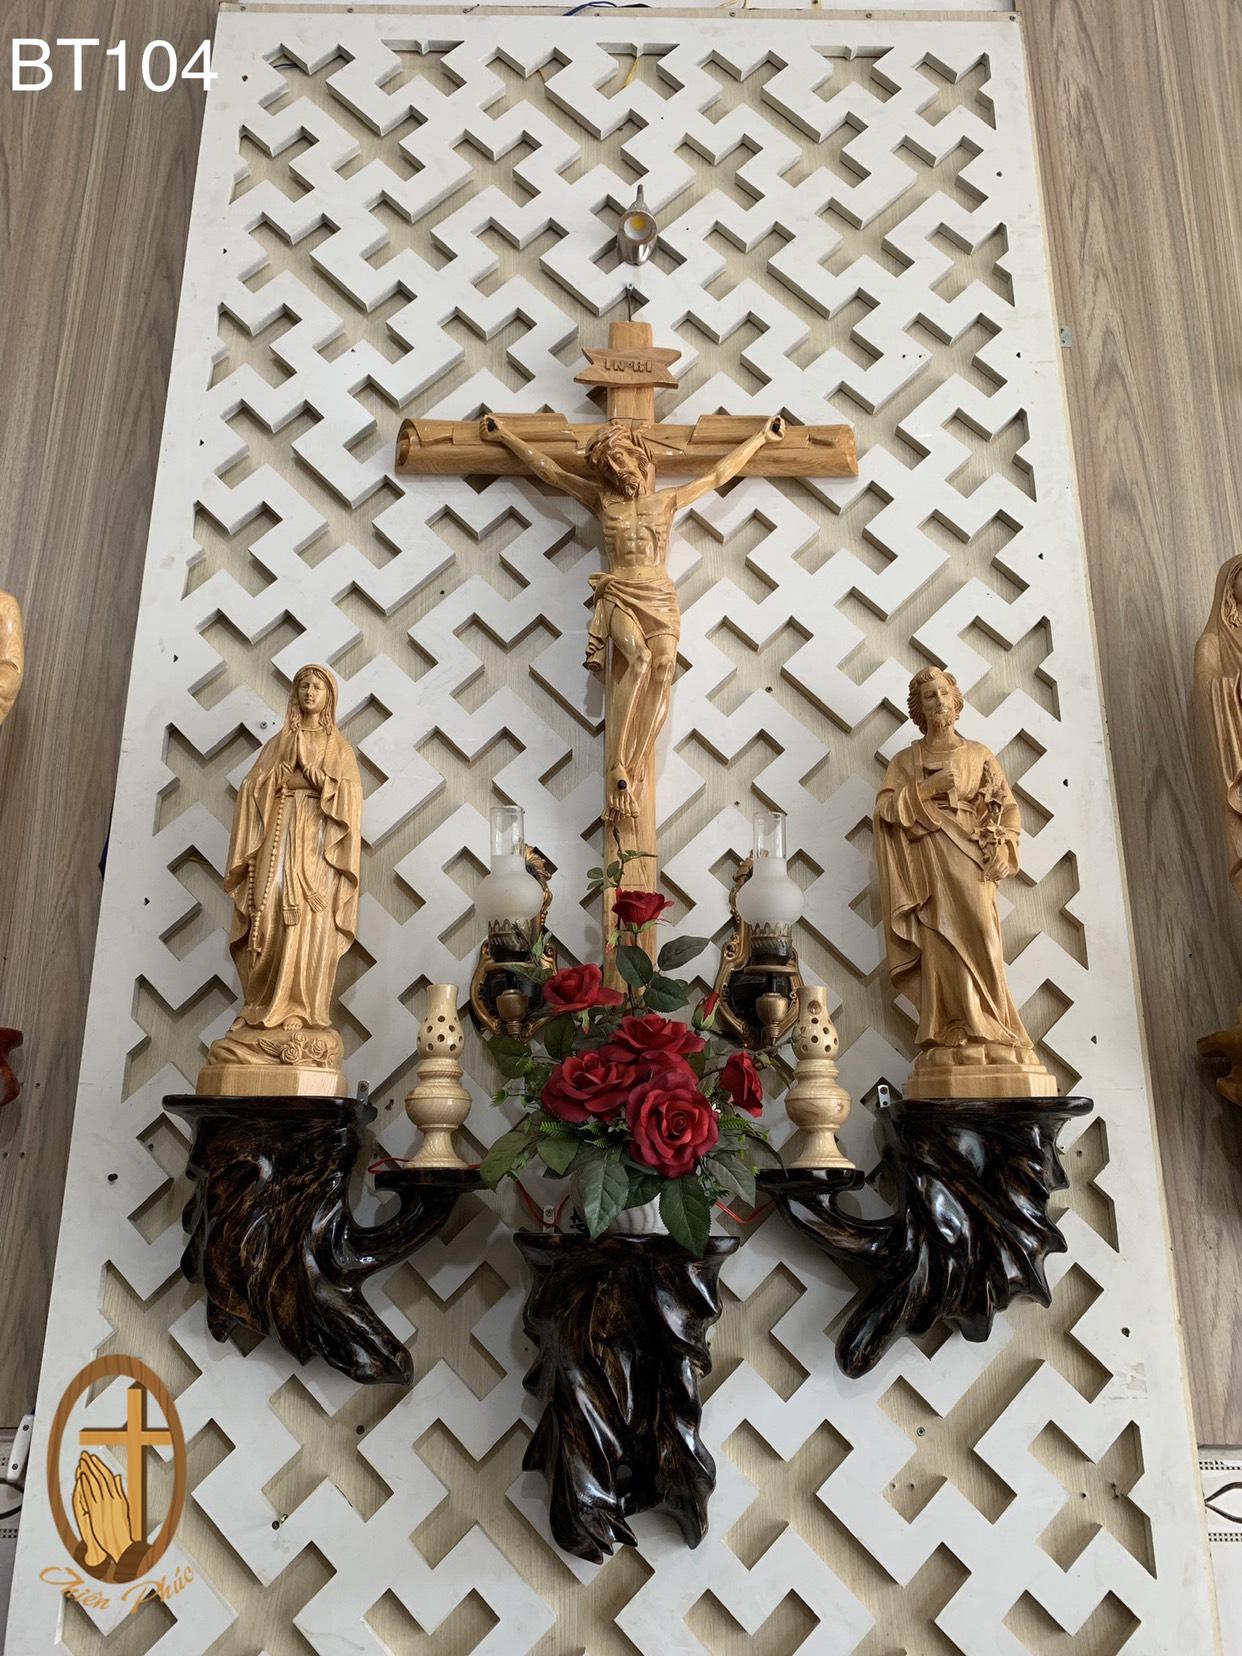 Bộ Bàn Thờ Công Giáo BT104